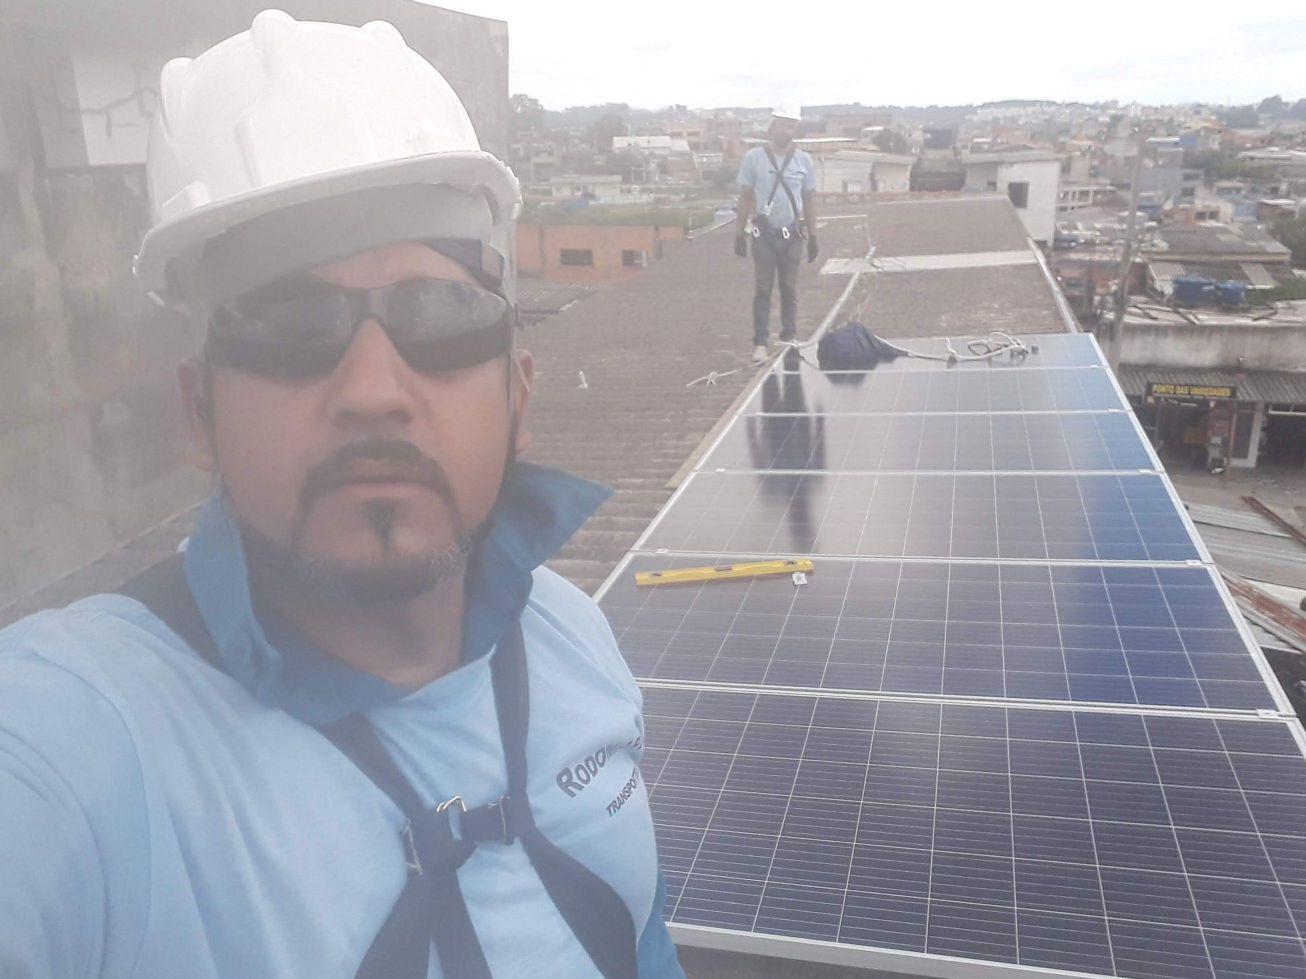 mais um solar